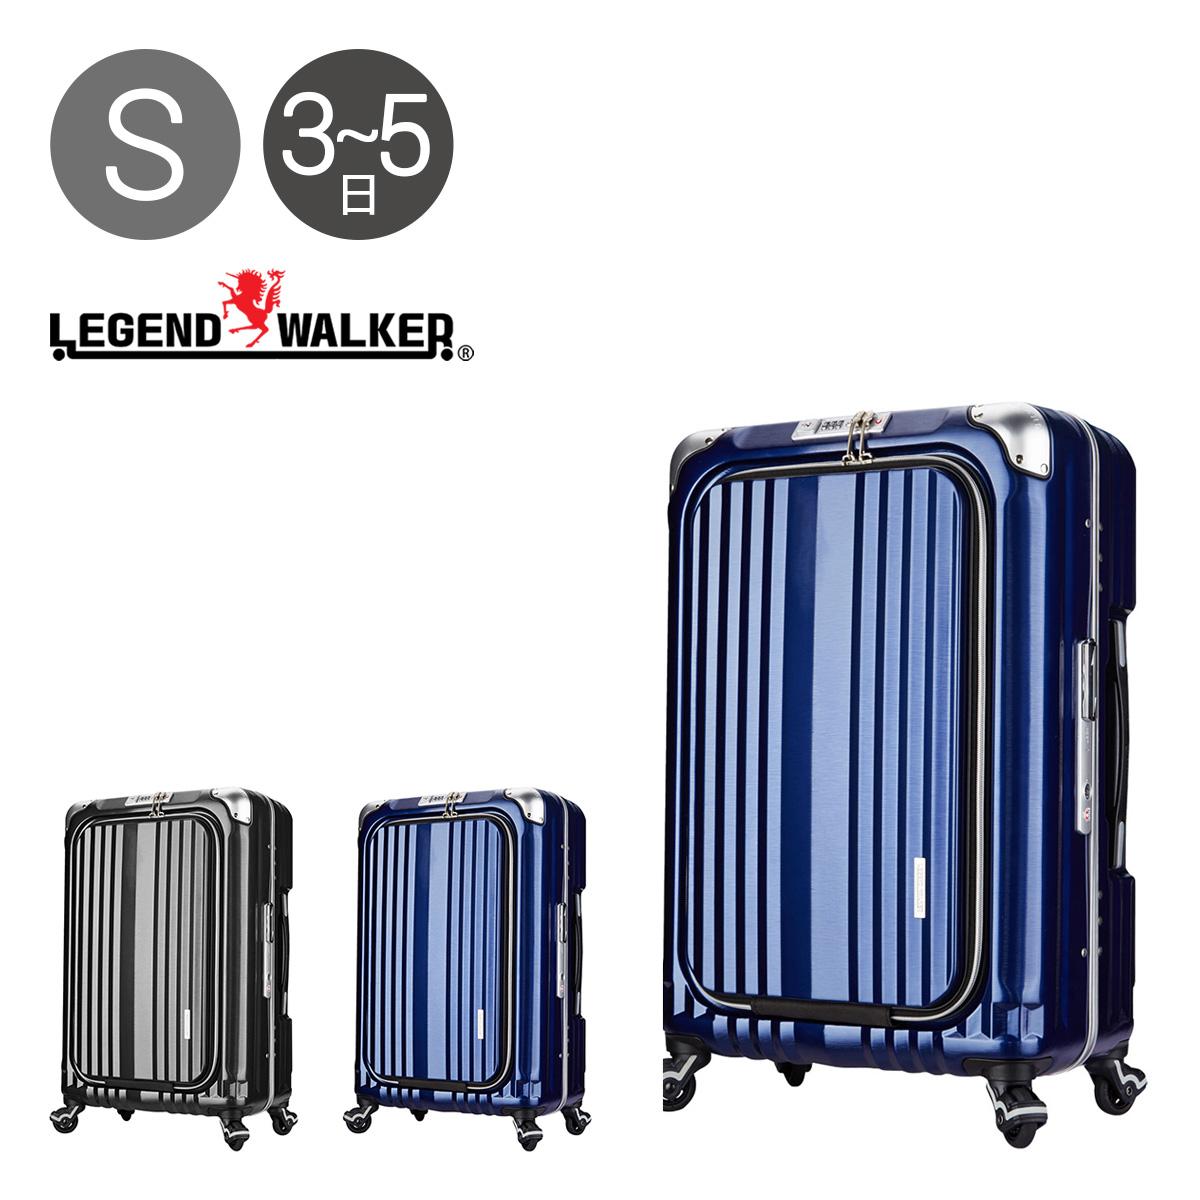 レジェンドウォーカー スーツケース グラン 56L 58cm 4.4kg 6603-58 軽量 フロントオープン 3年保証 ハード フレーム 静音 TSAロック搭載 HINOMOTO [PO10][bef]